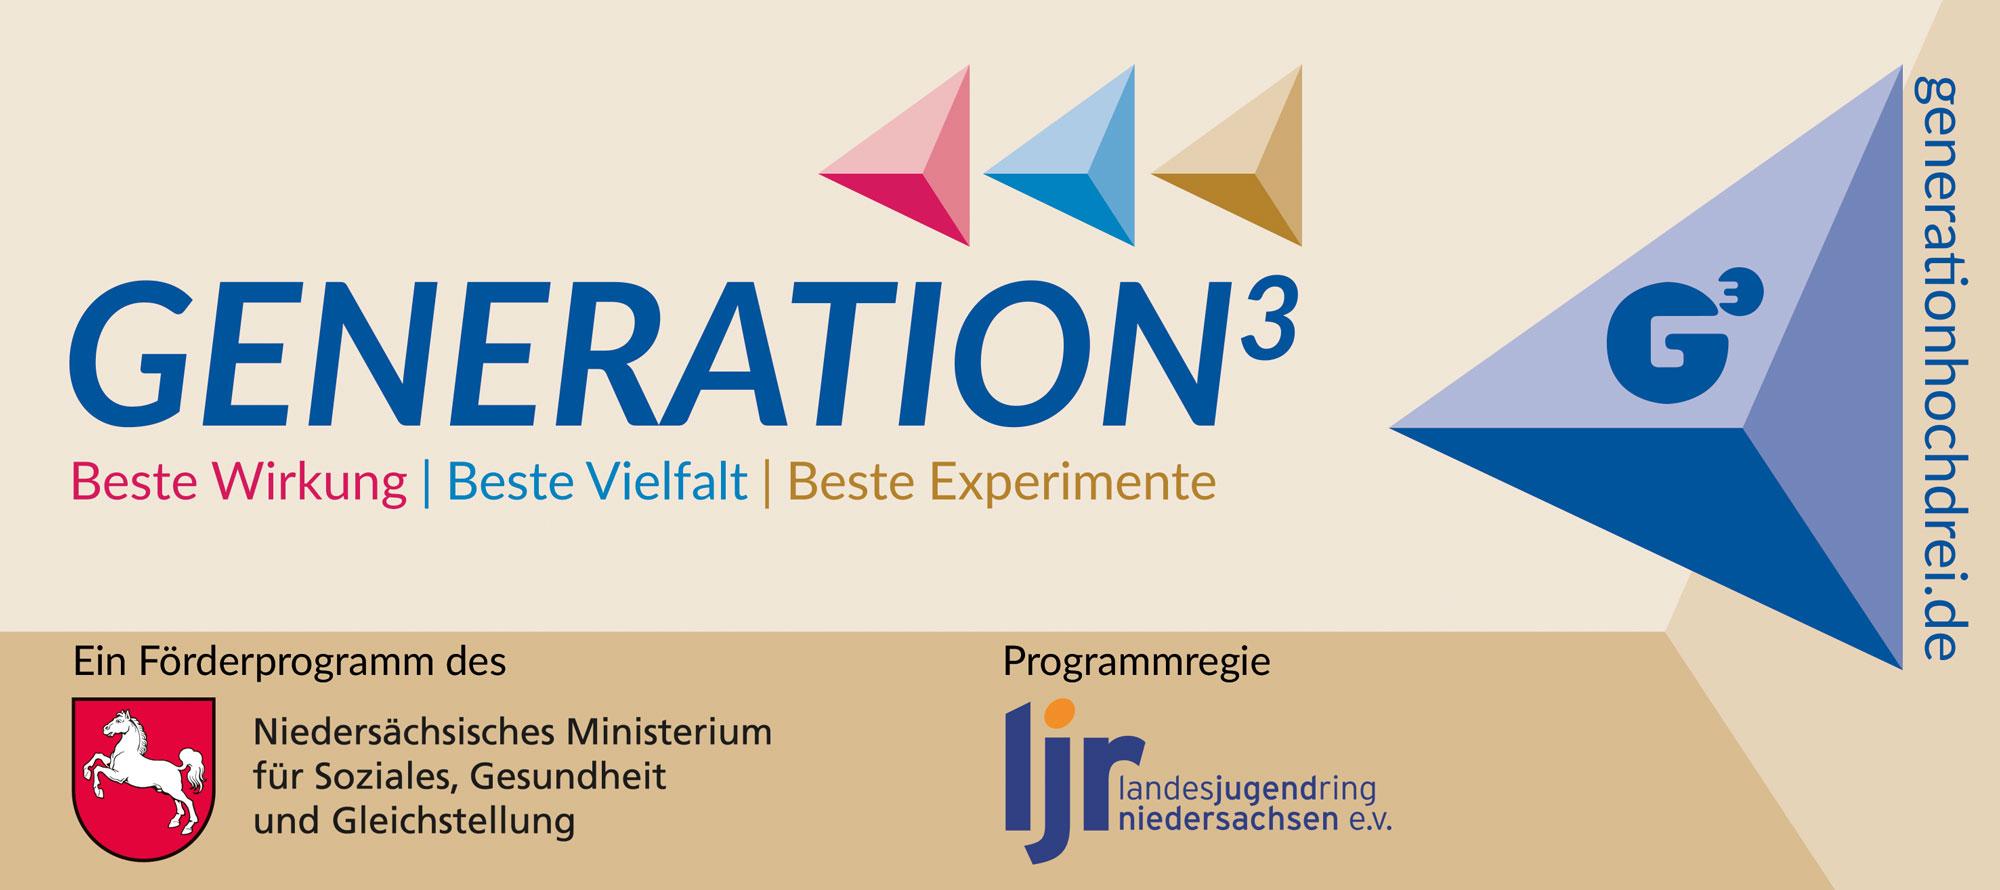 Förderbalken des Förderprogramms Generation³ des Ministeriums für Soziales, Gesundheit und Gleichstellung